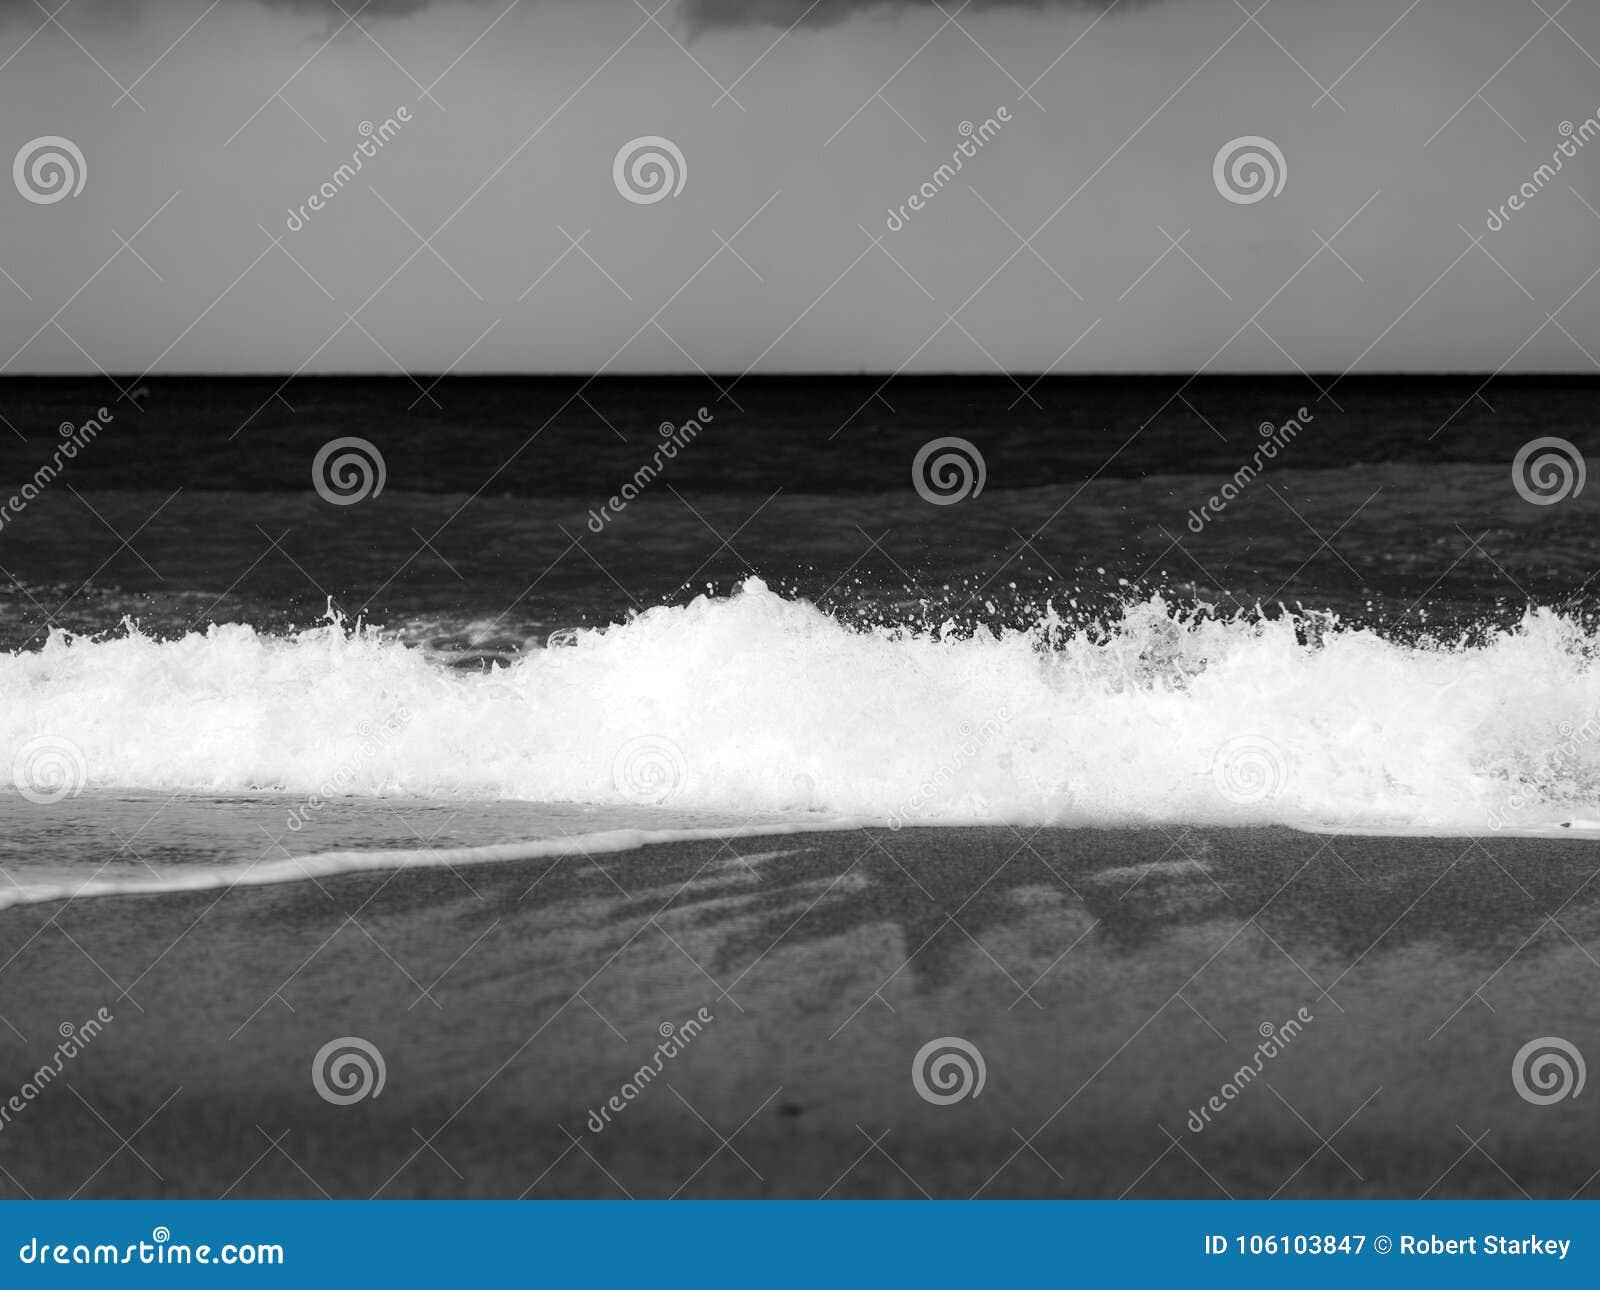 An Ocean During a Storm